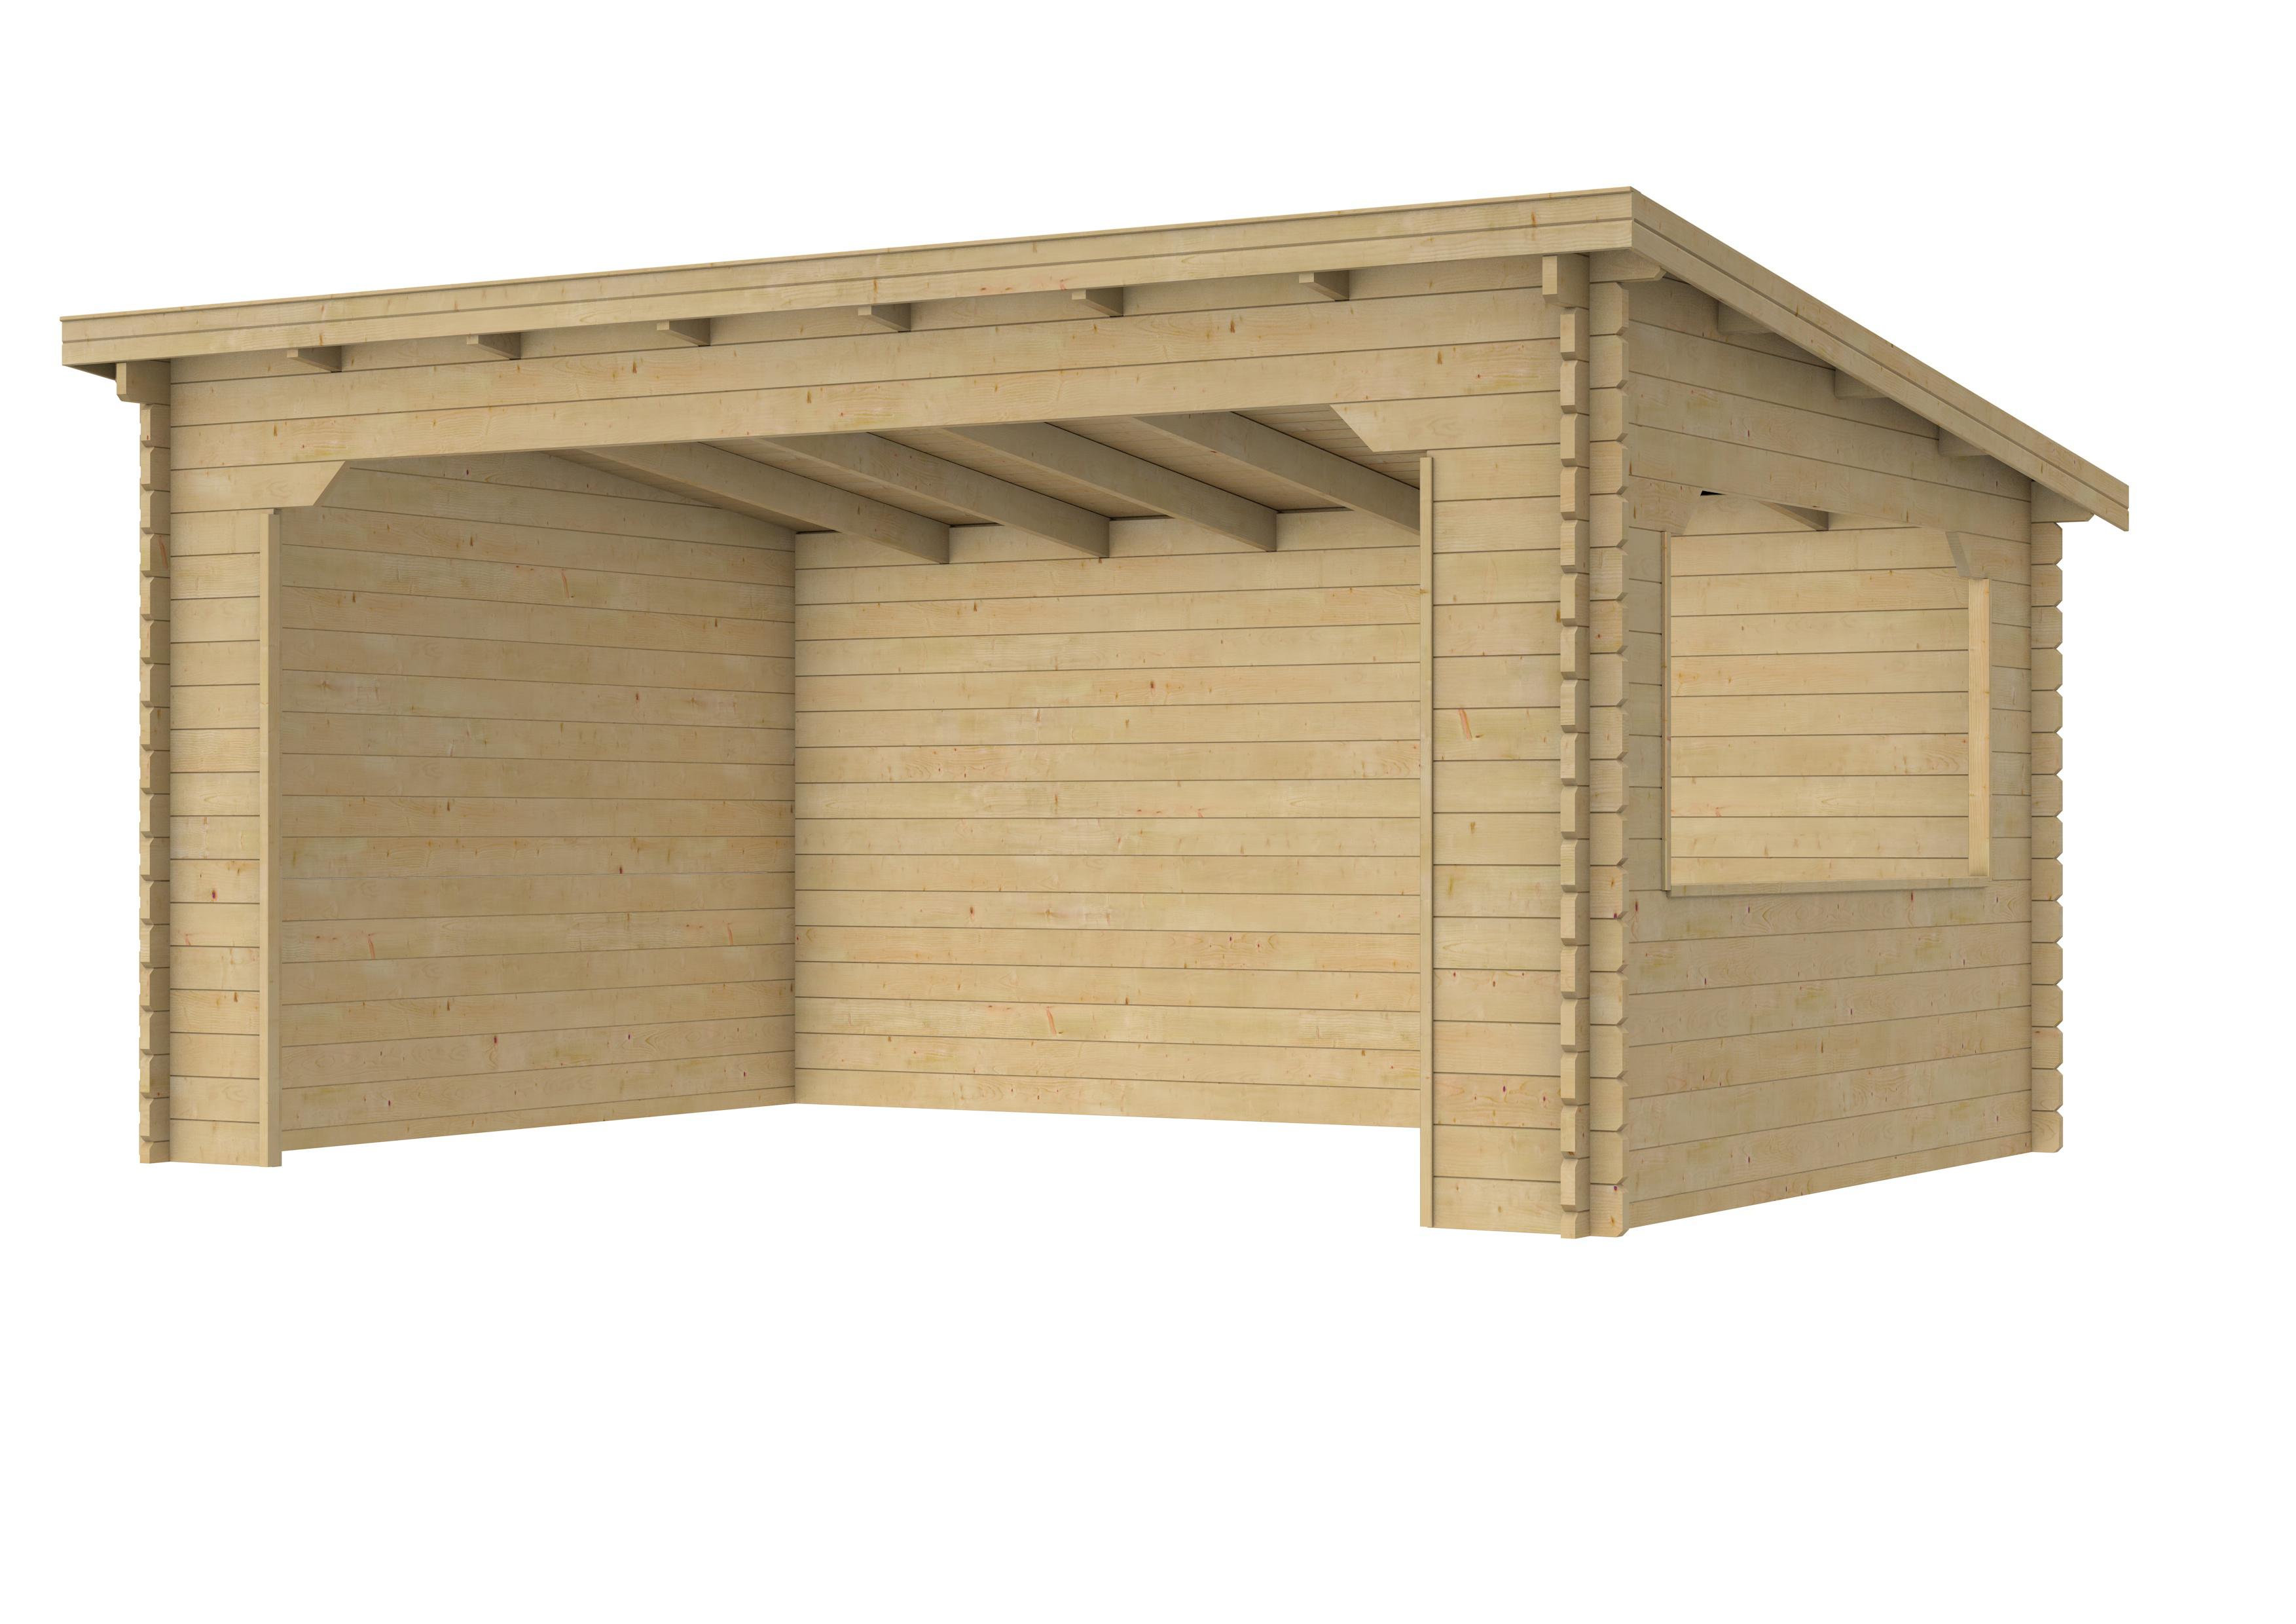 Woodvision | Overkapping Kolgans 400 x 350